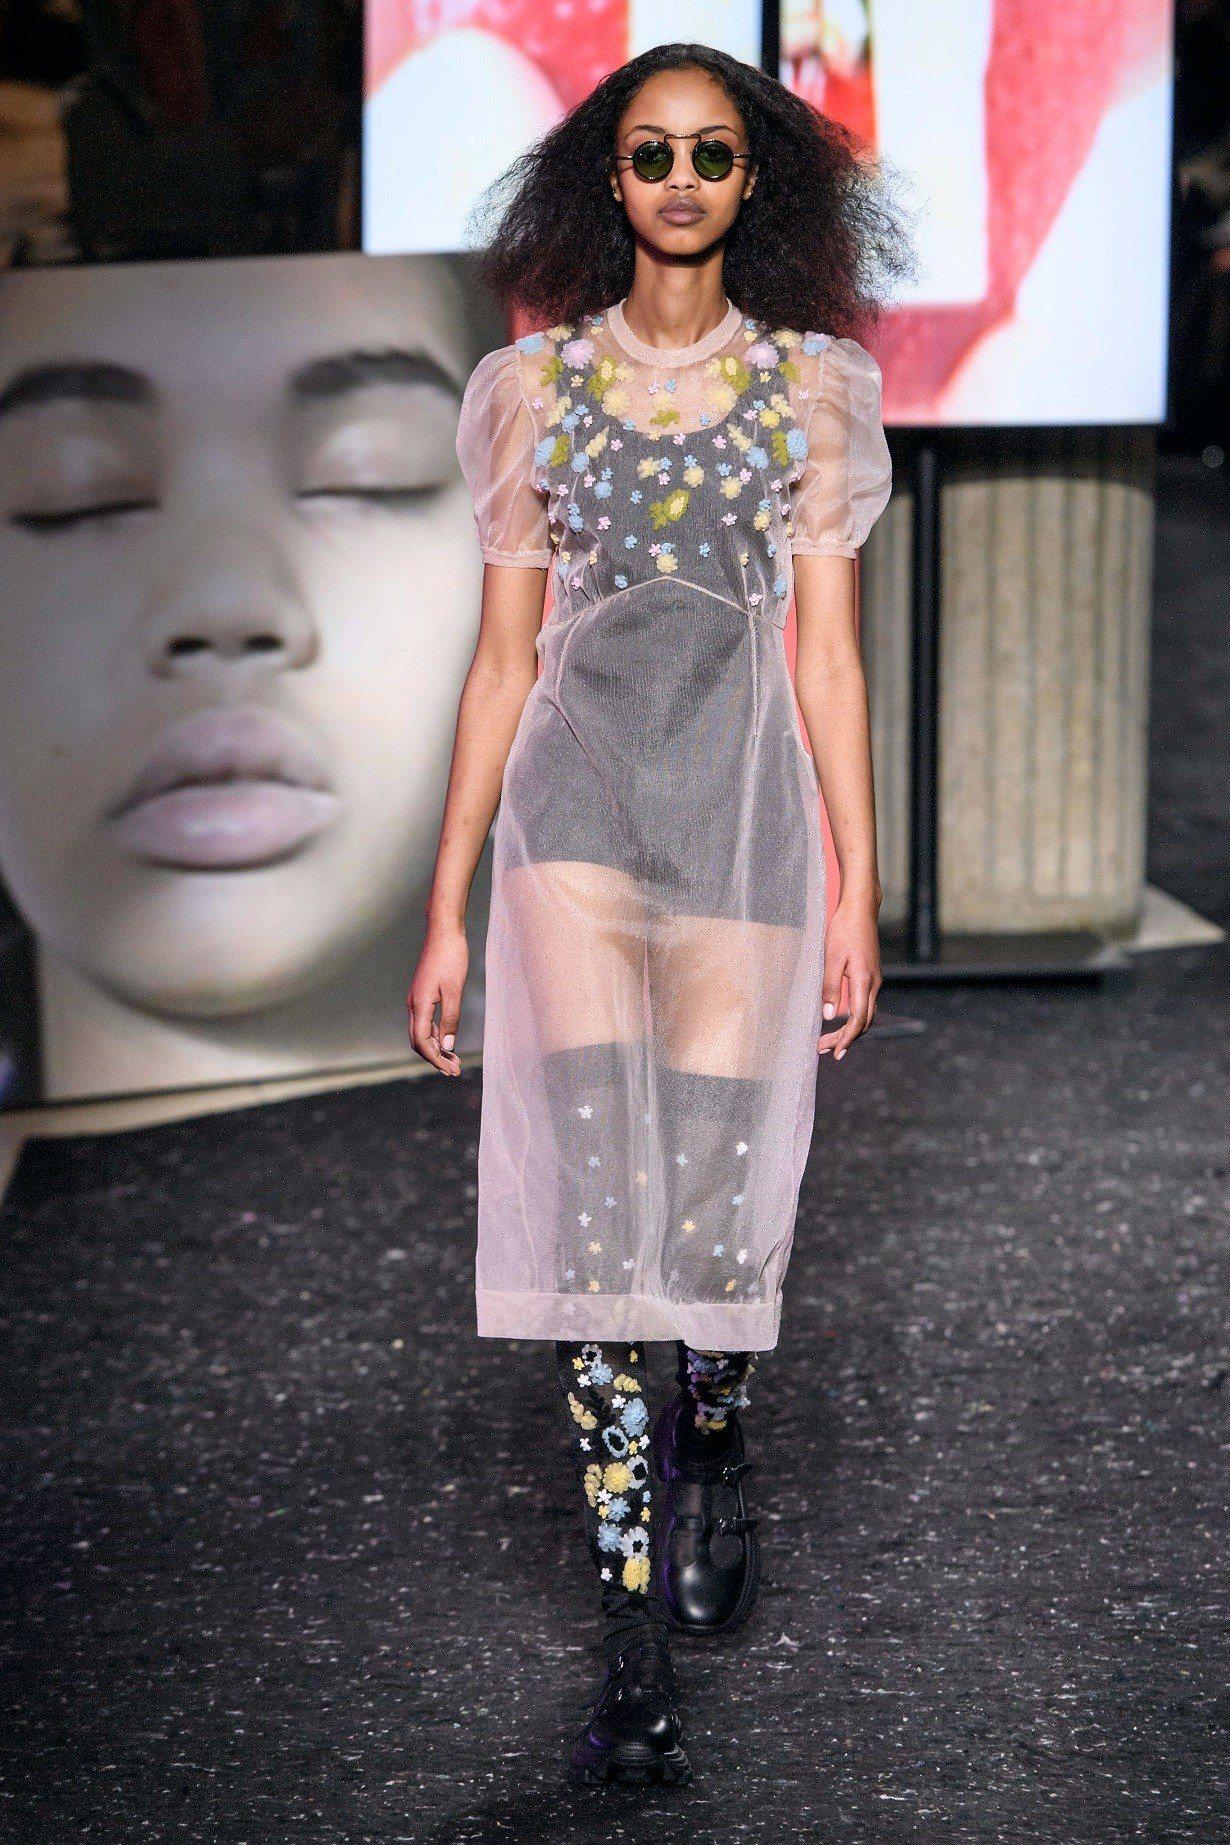 精緻透明的薄紗搭配花朵刺繡是本季重要元素,而造型墨鏡也不能少。圖/MIU MIU...